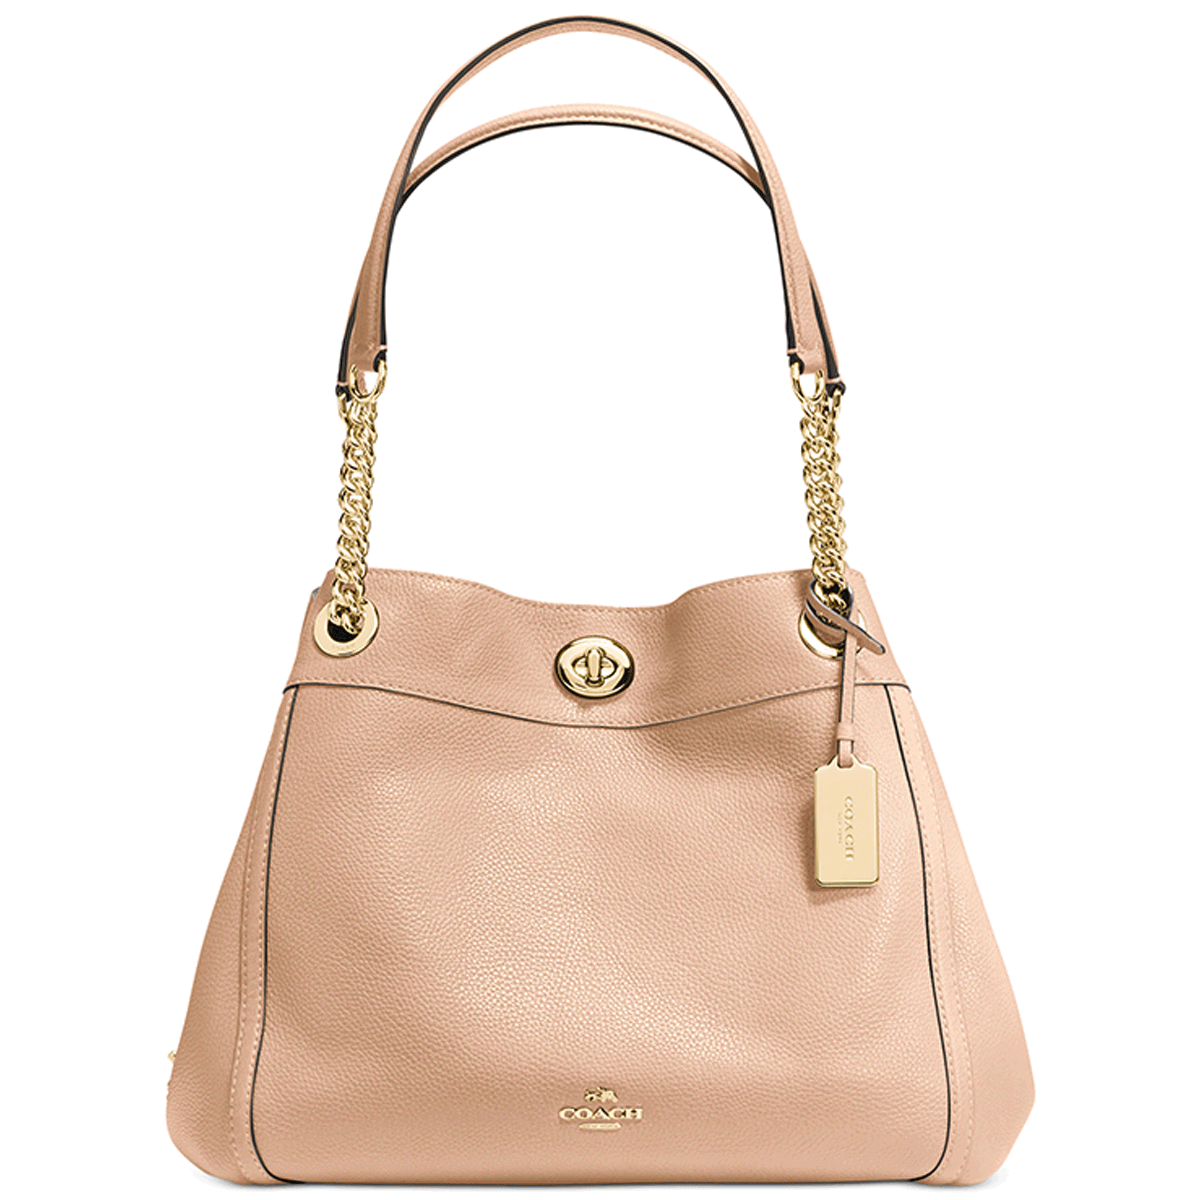 Macys Sell: Designer Handbags